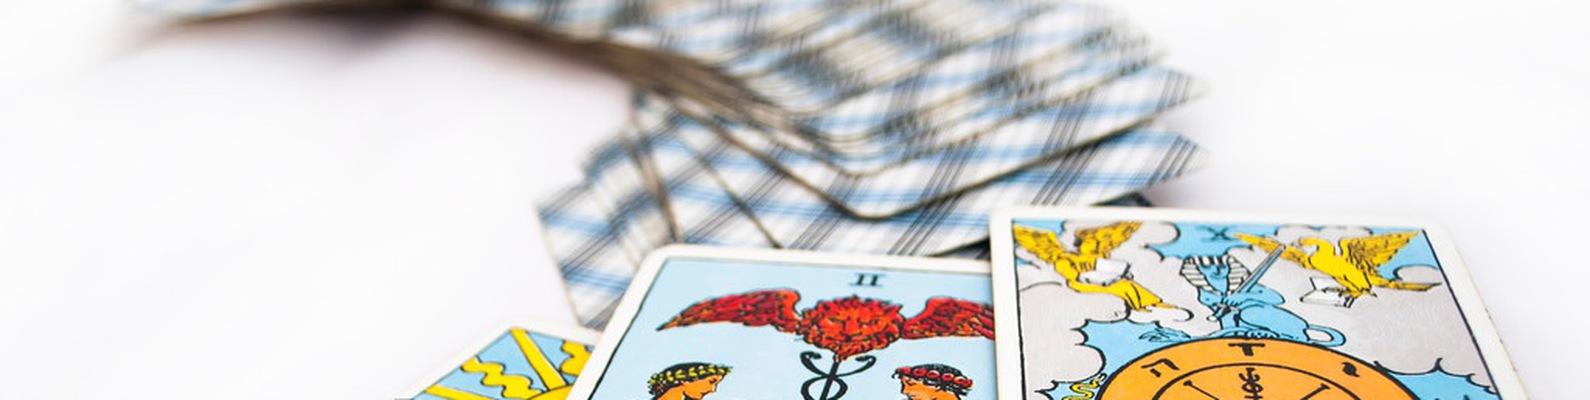 Гадание на картах таро в красноярске 19 аркан таро значение